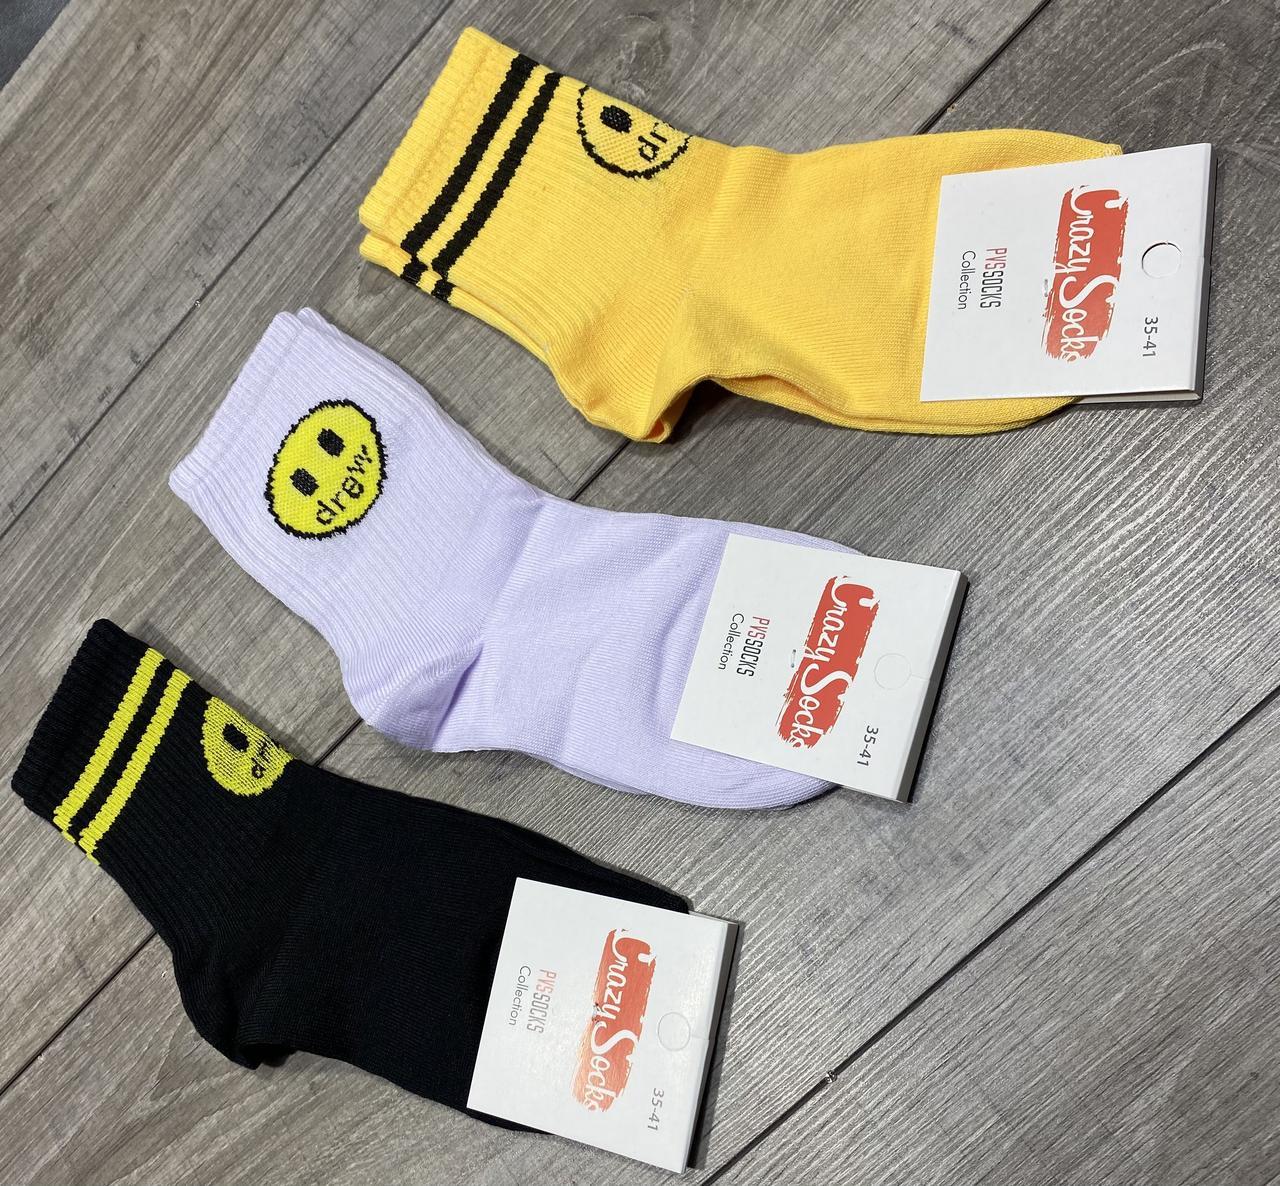 Женские демисезонные носки Crezy Socks микс с рисунком смайлик хлопок высокие размер 35-41 12 шт в уп